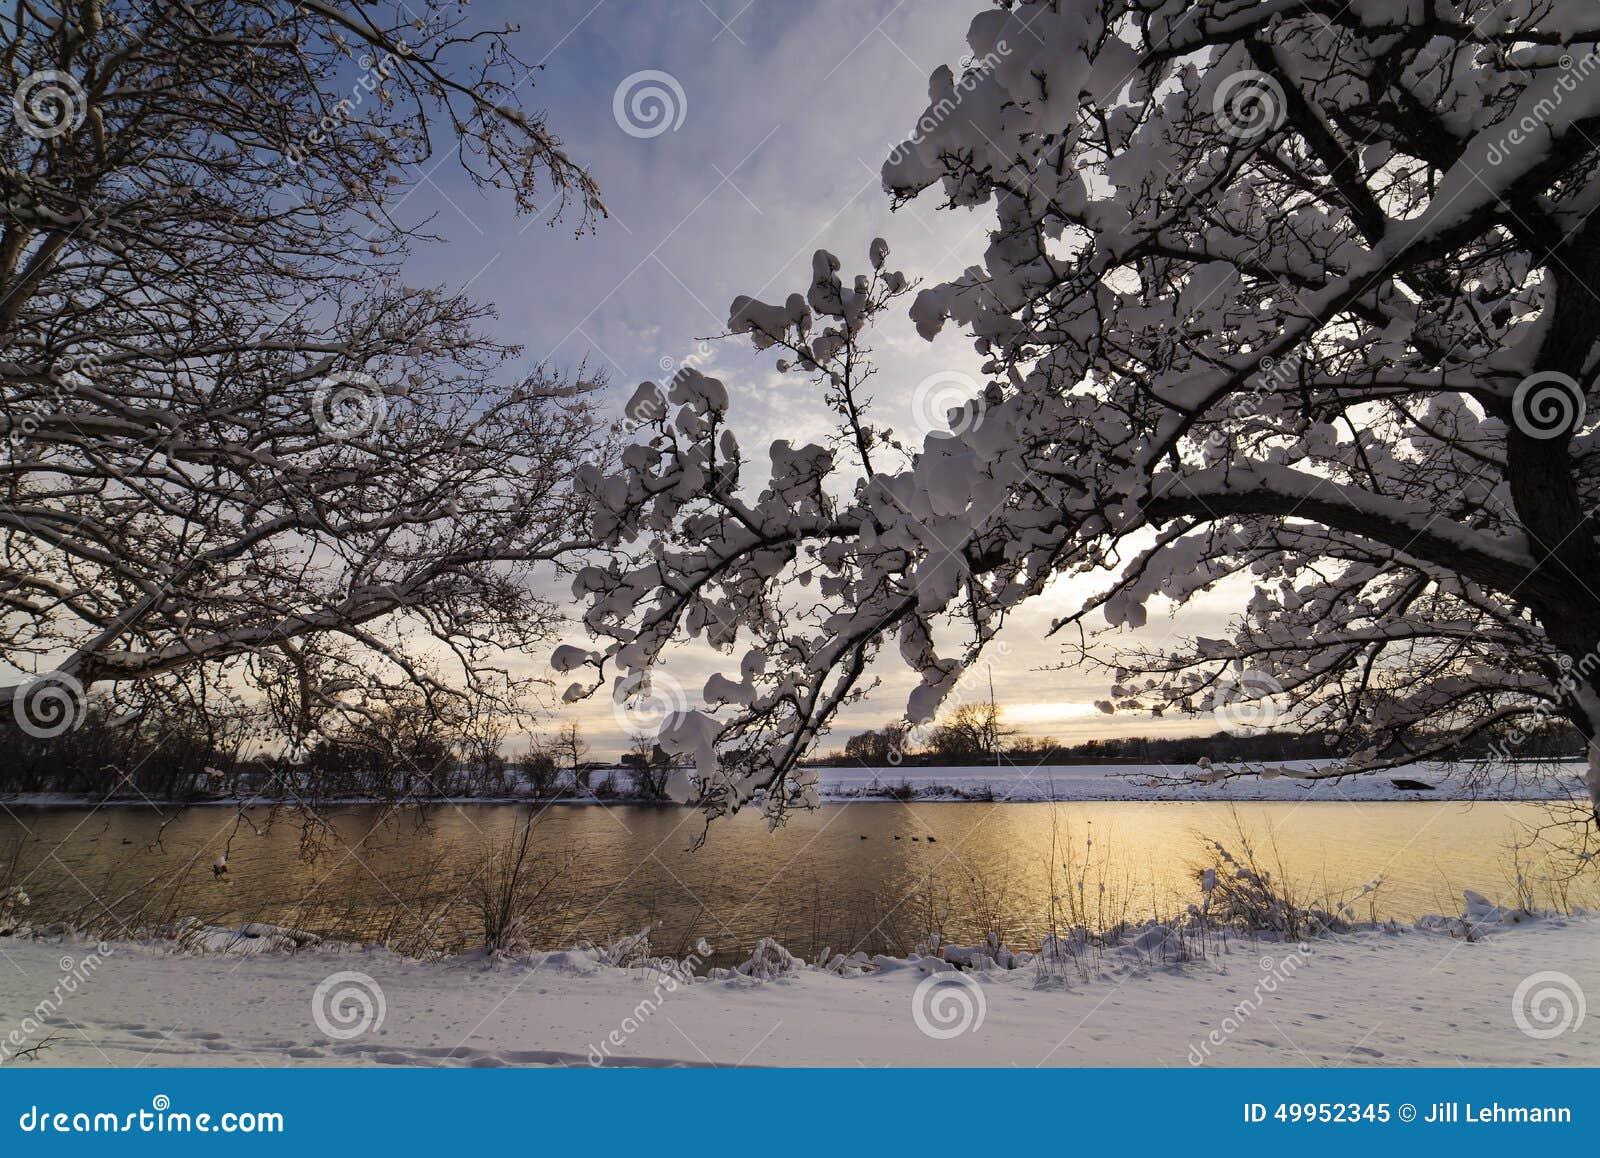 La nieve cuelga en árboles después de una tormenta